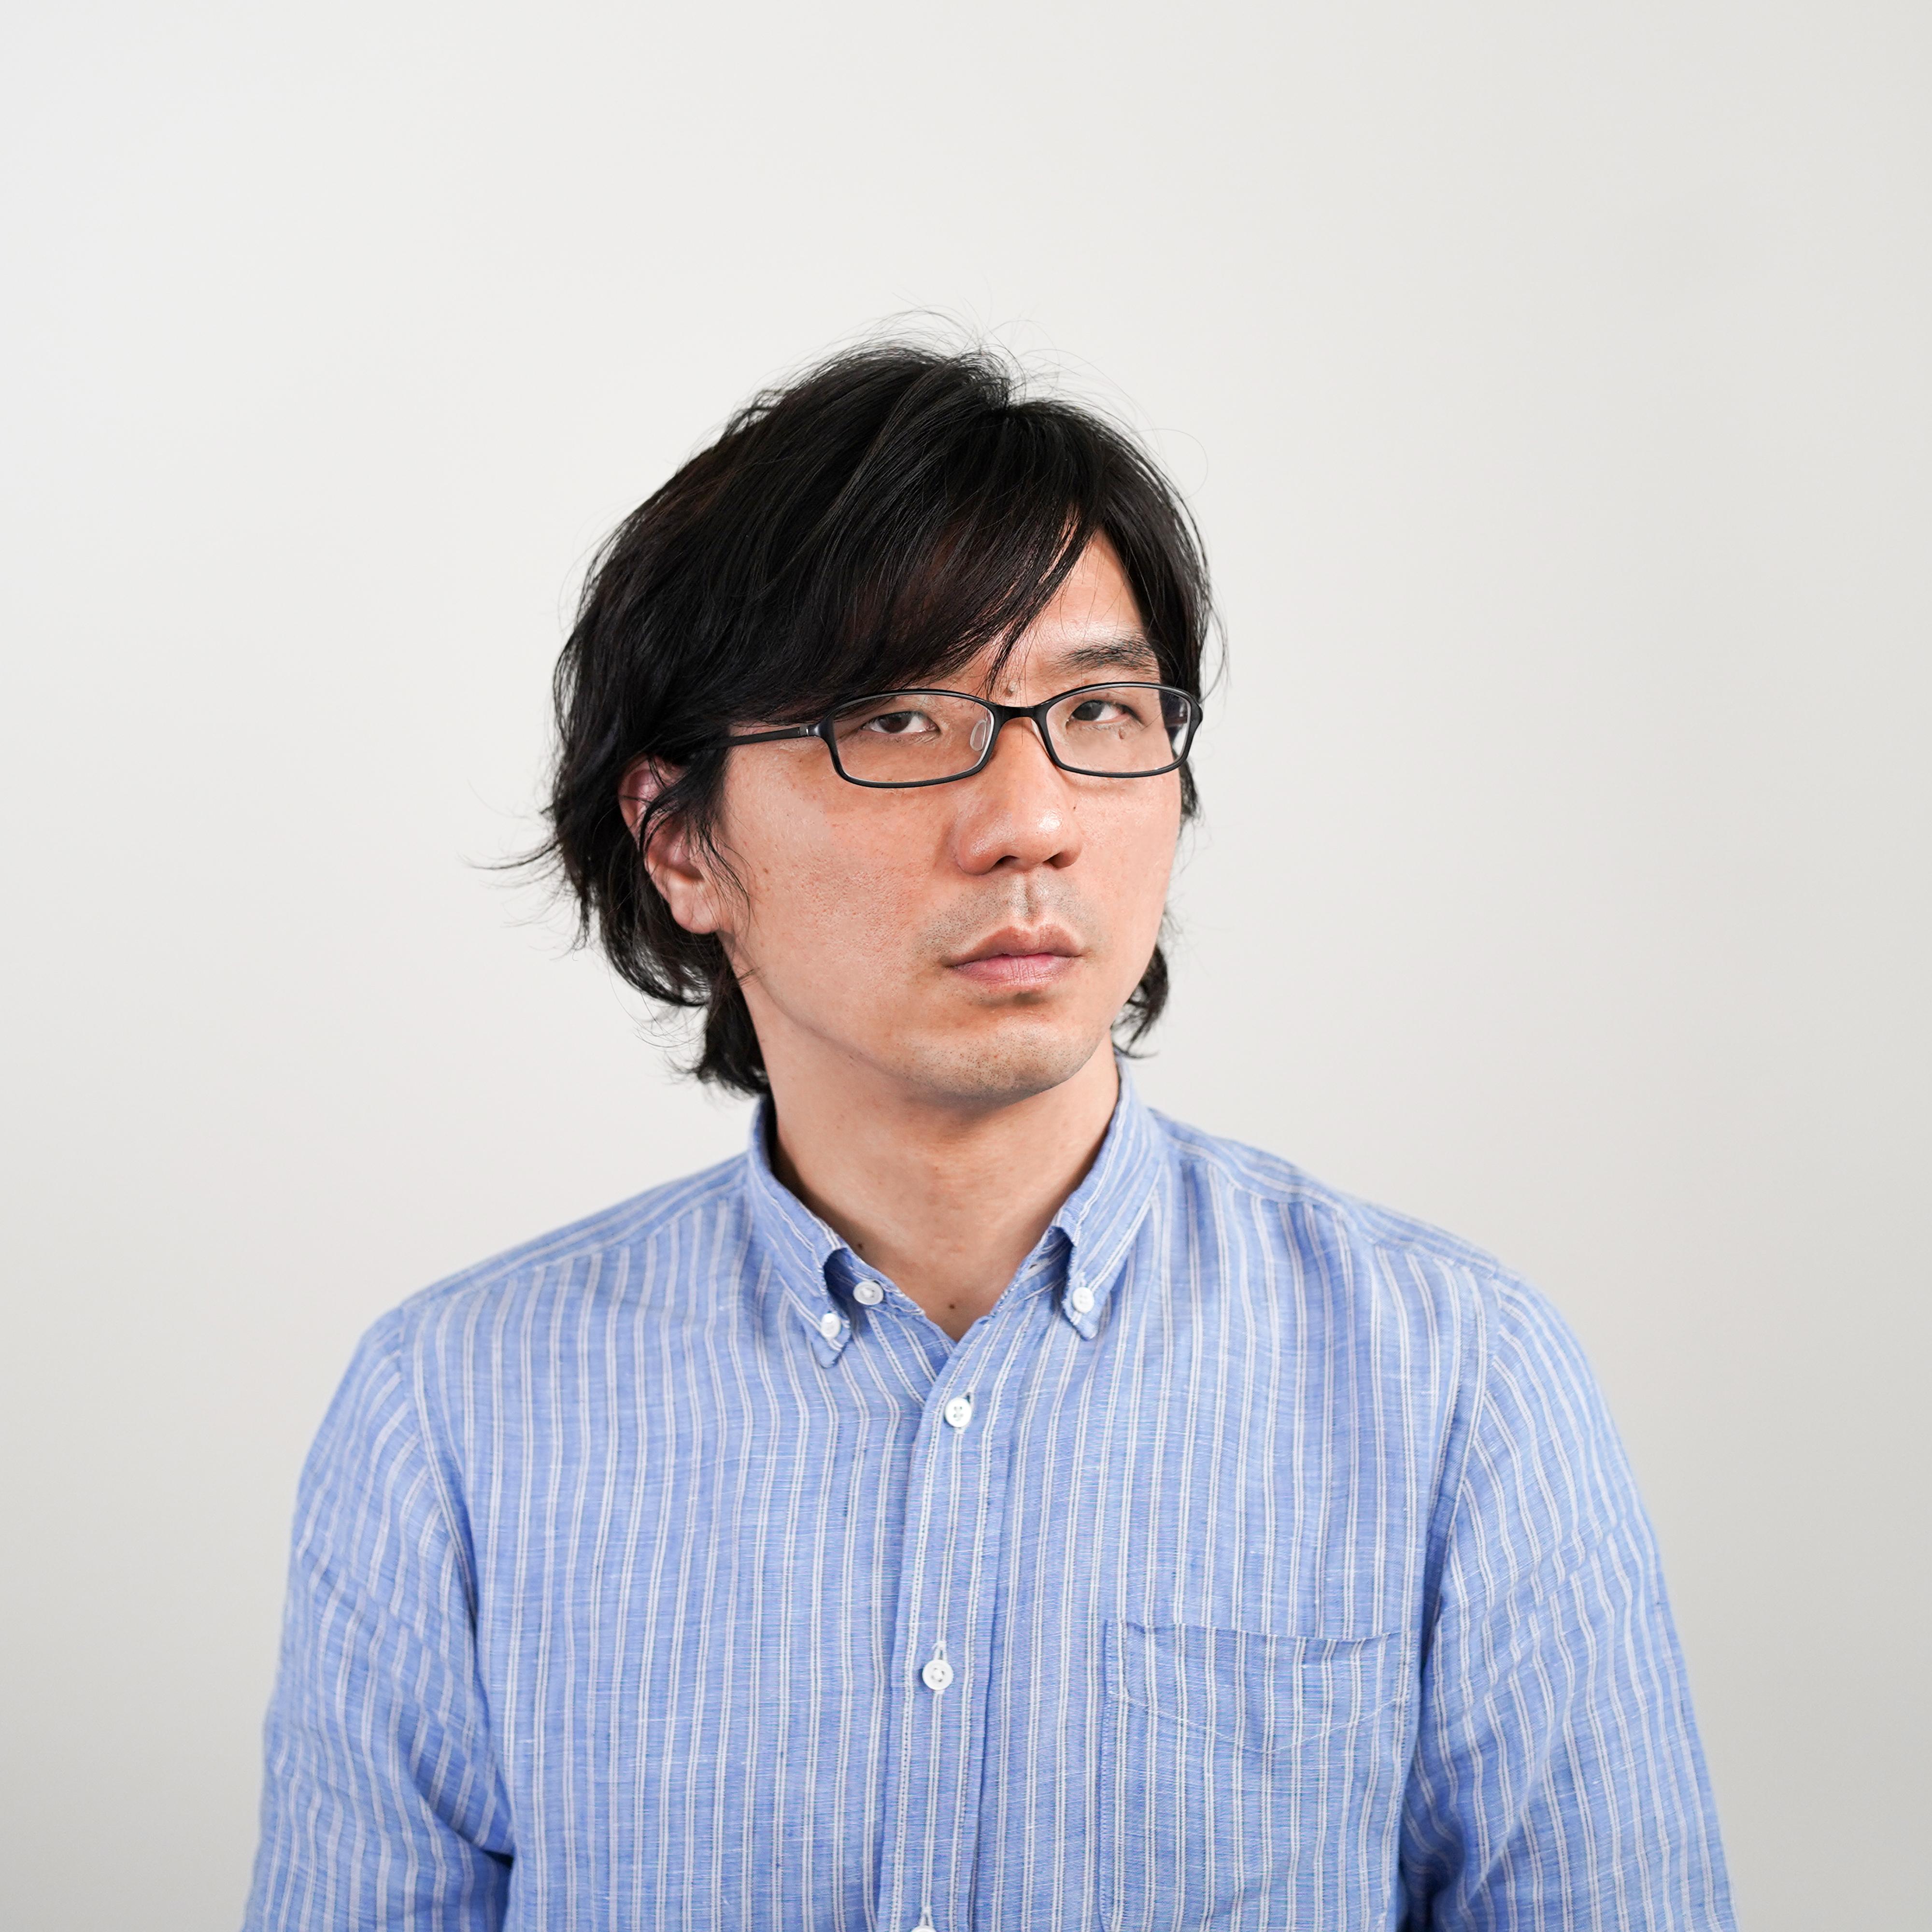 坂田 大輔